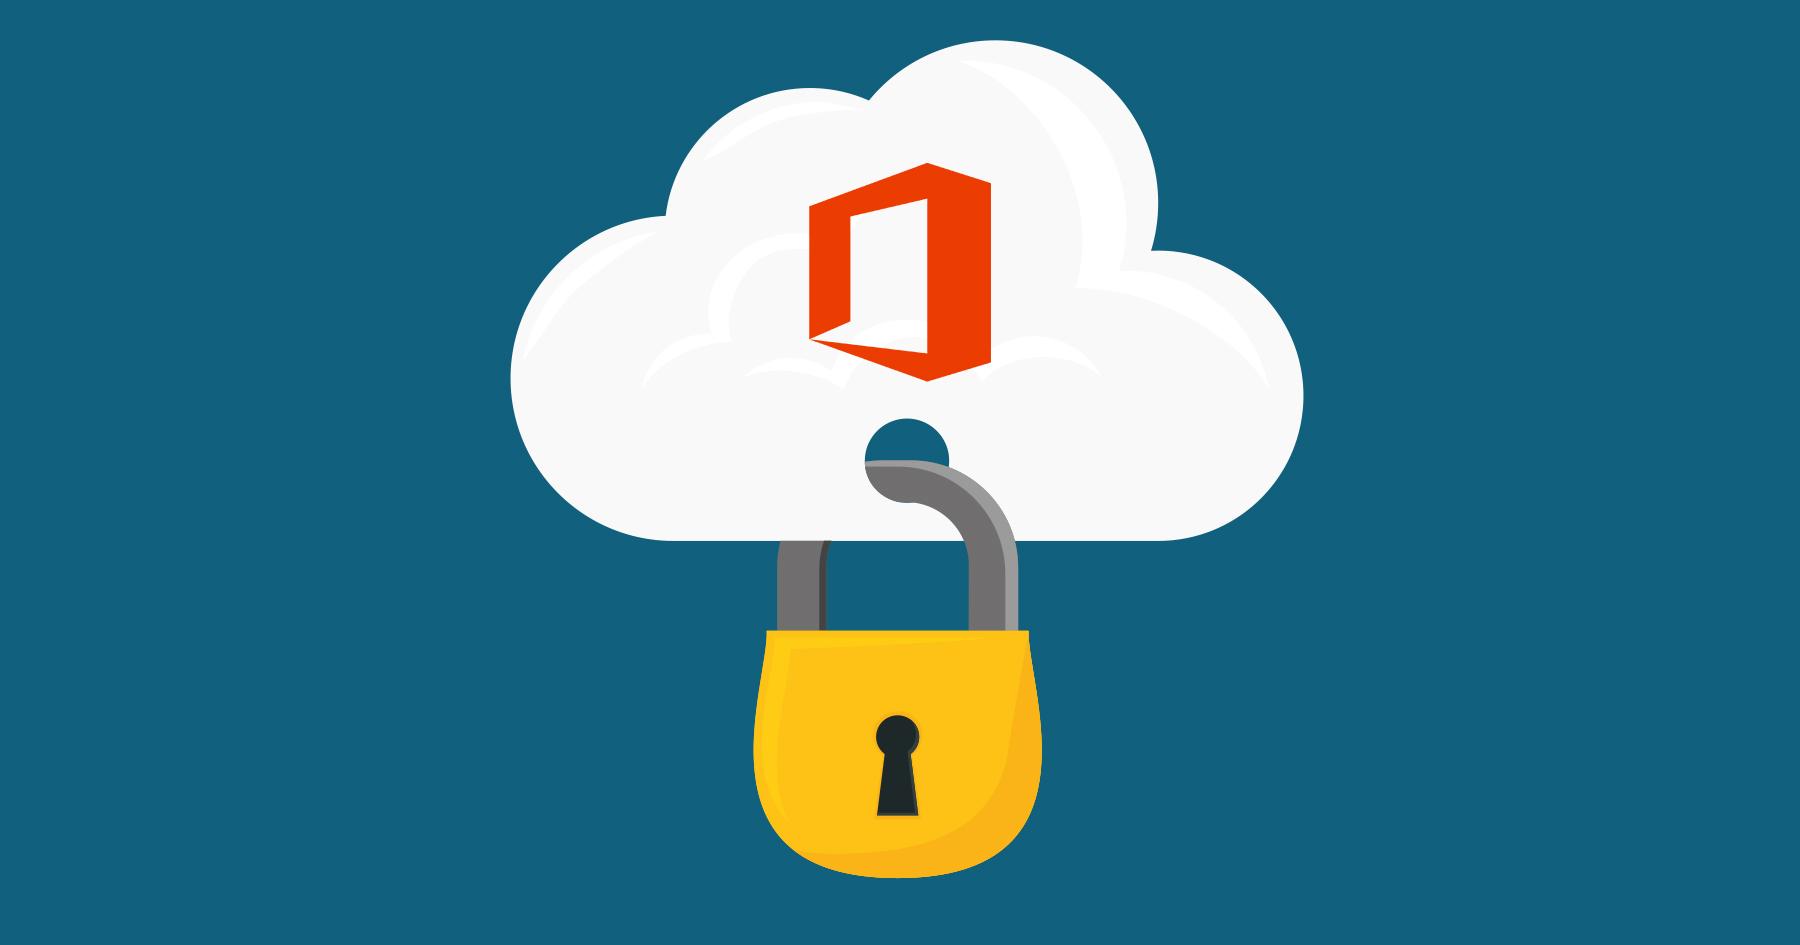 Office_365_Secure_Score